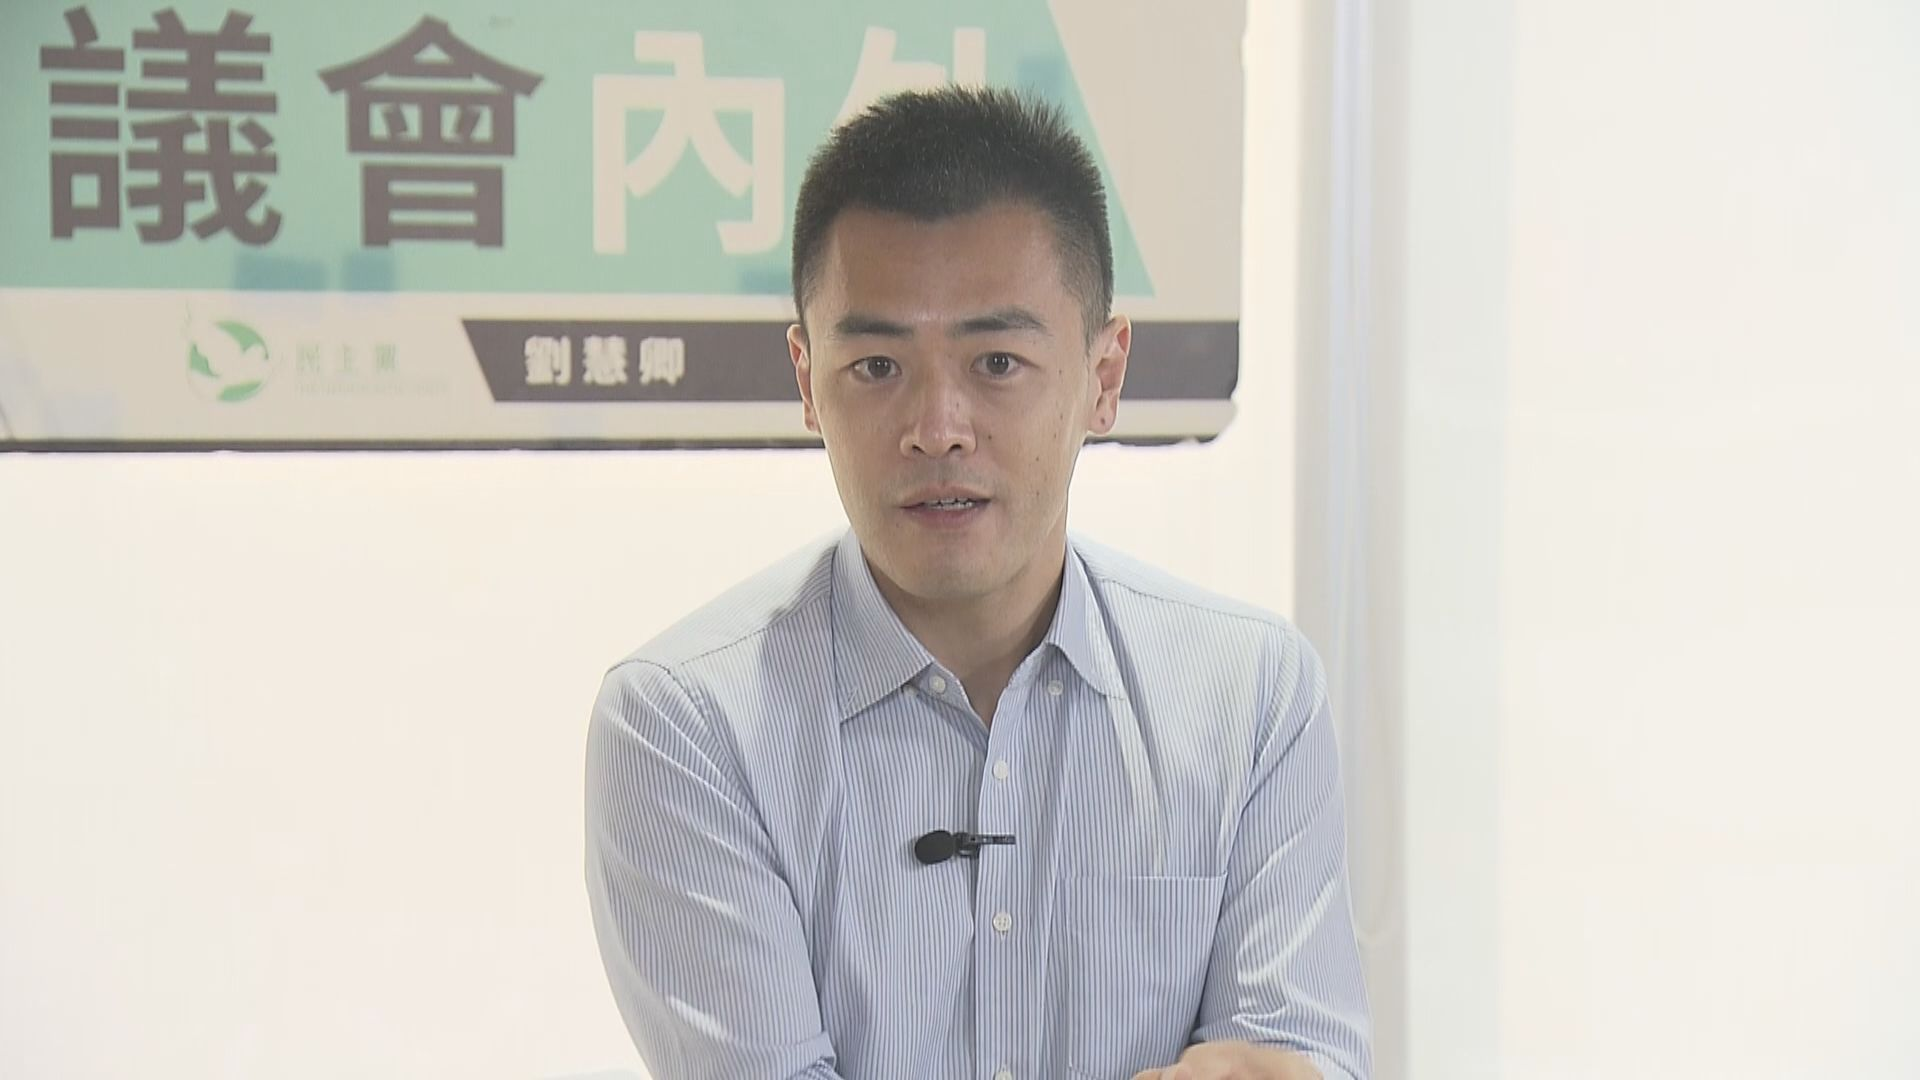 劉鳴煒冀香港與更多地方設旅遊氣泡